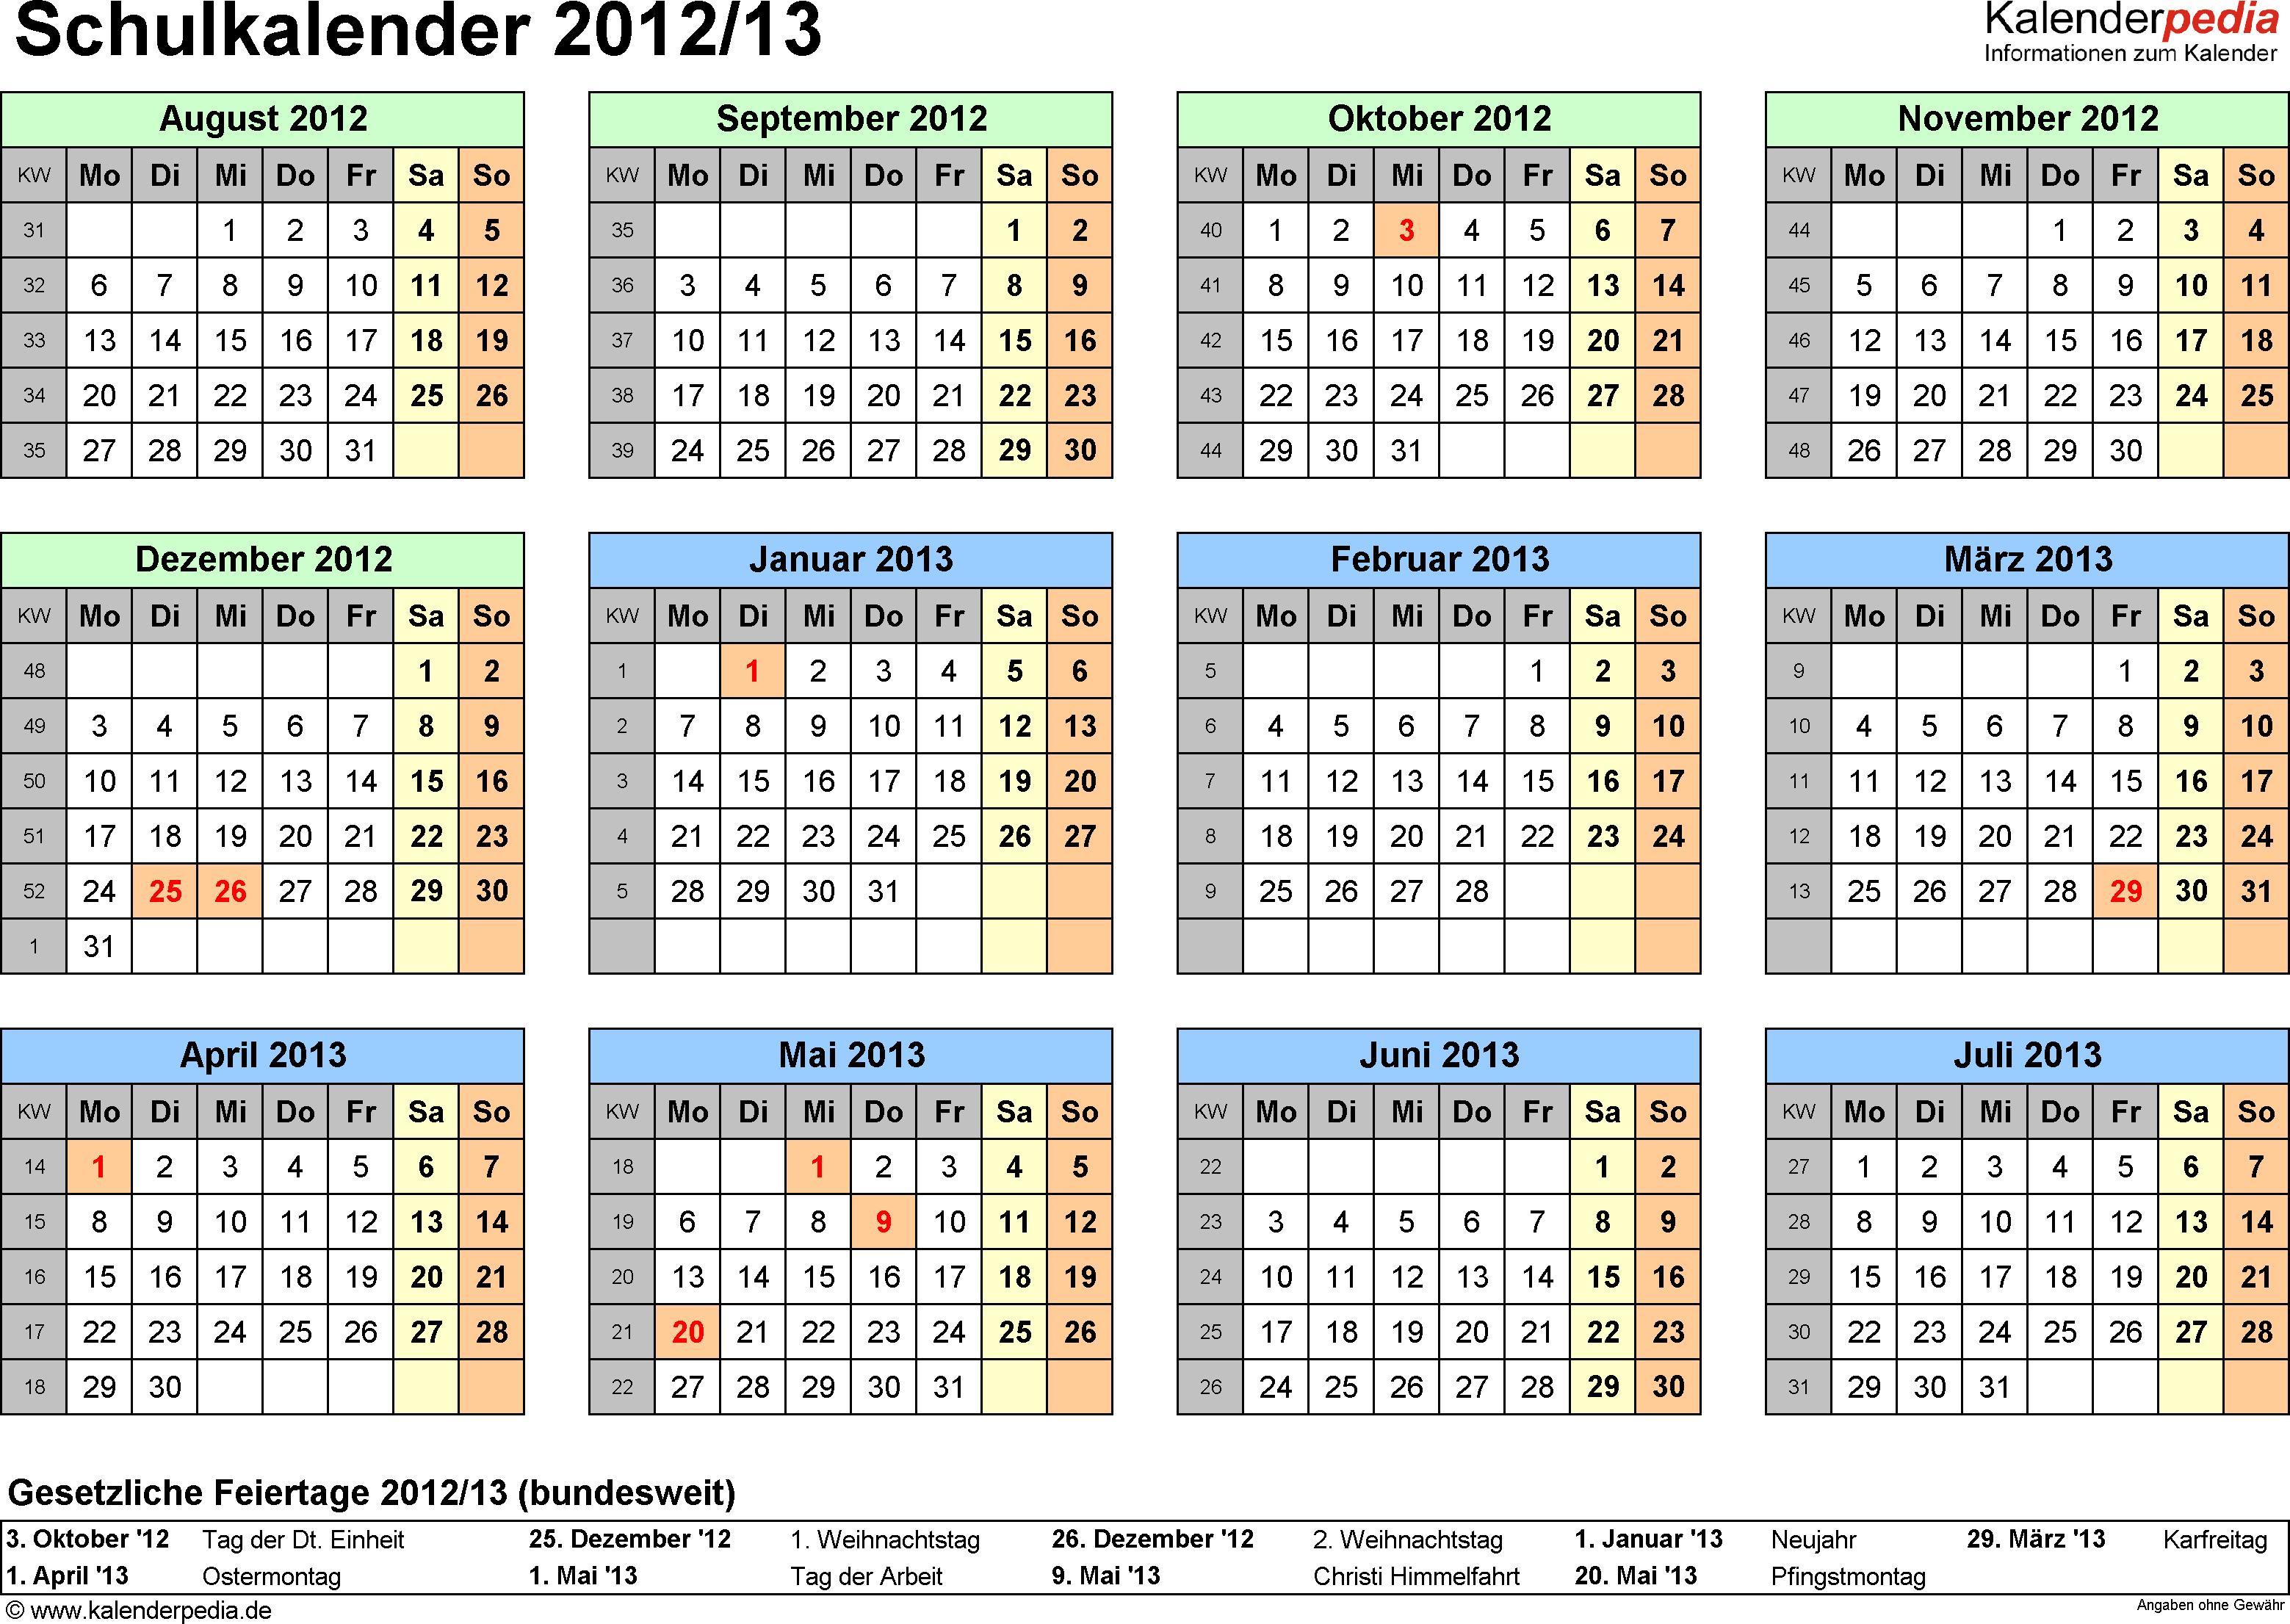 Vorlage 4: Schuljahreskalender 2012/2013 im Querformat, Jahresübersicht